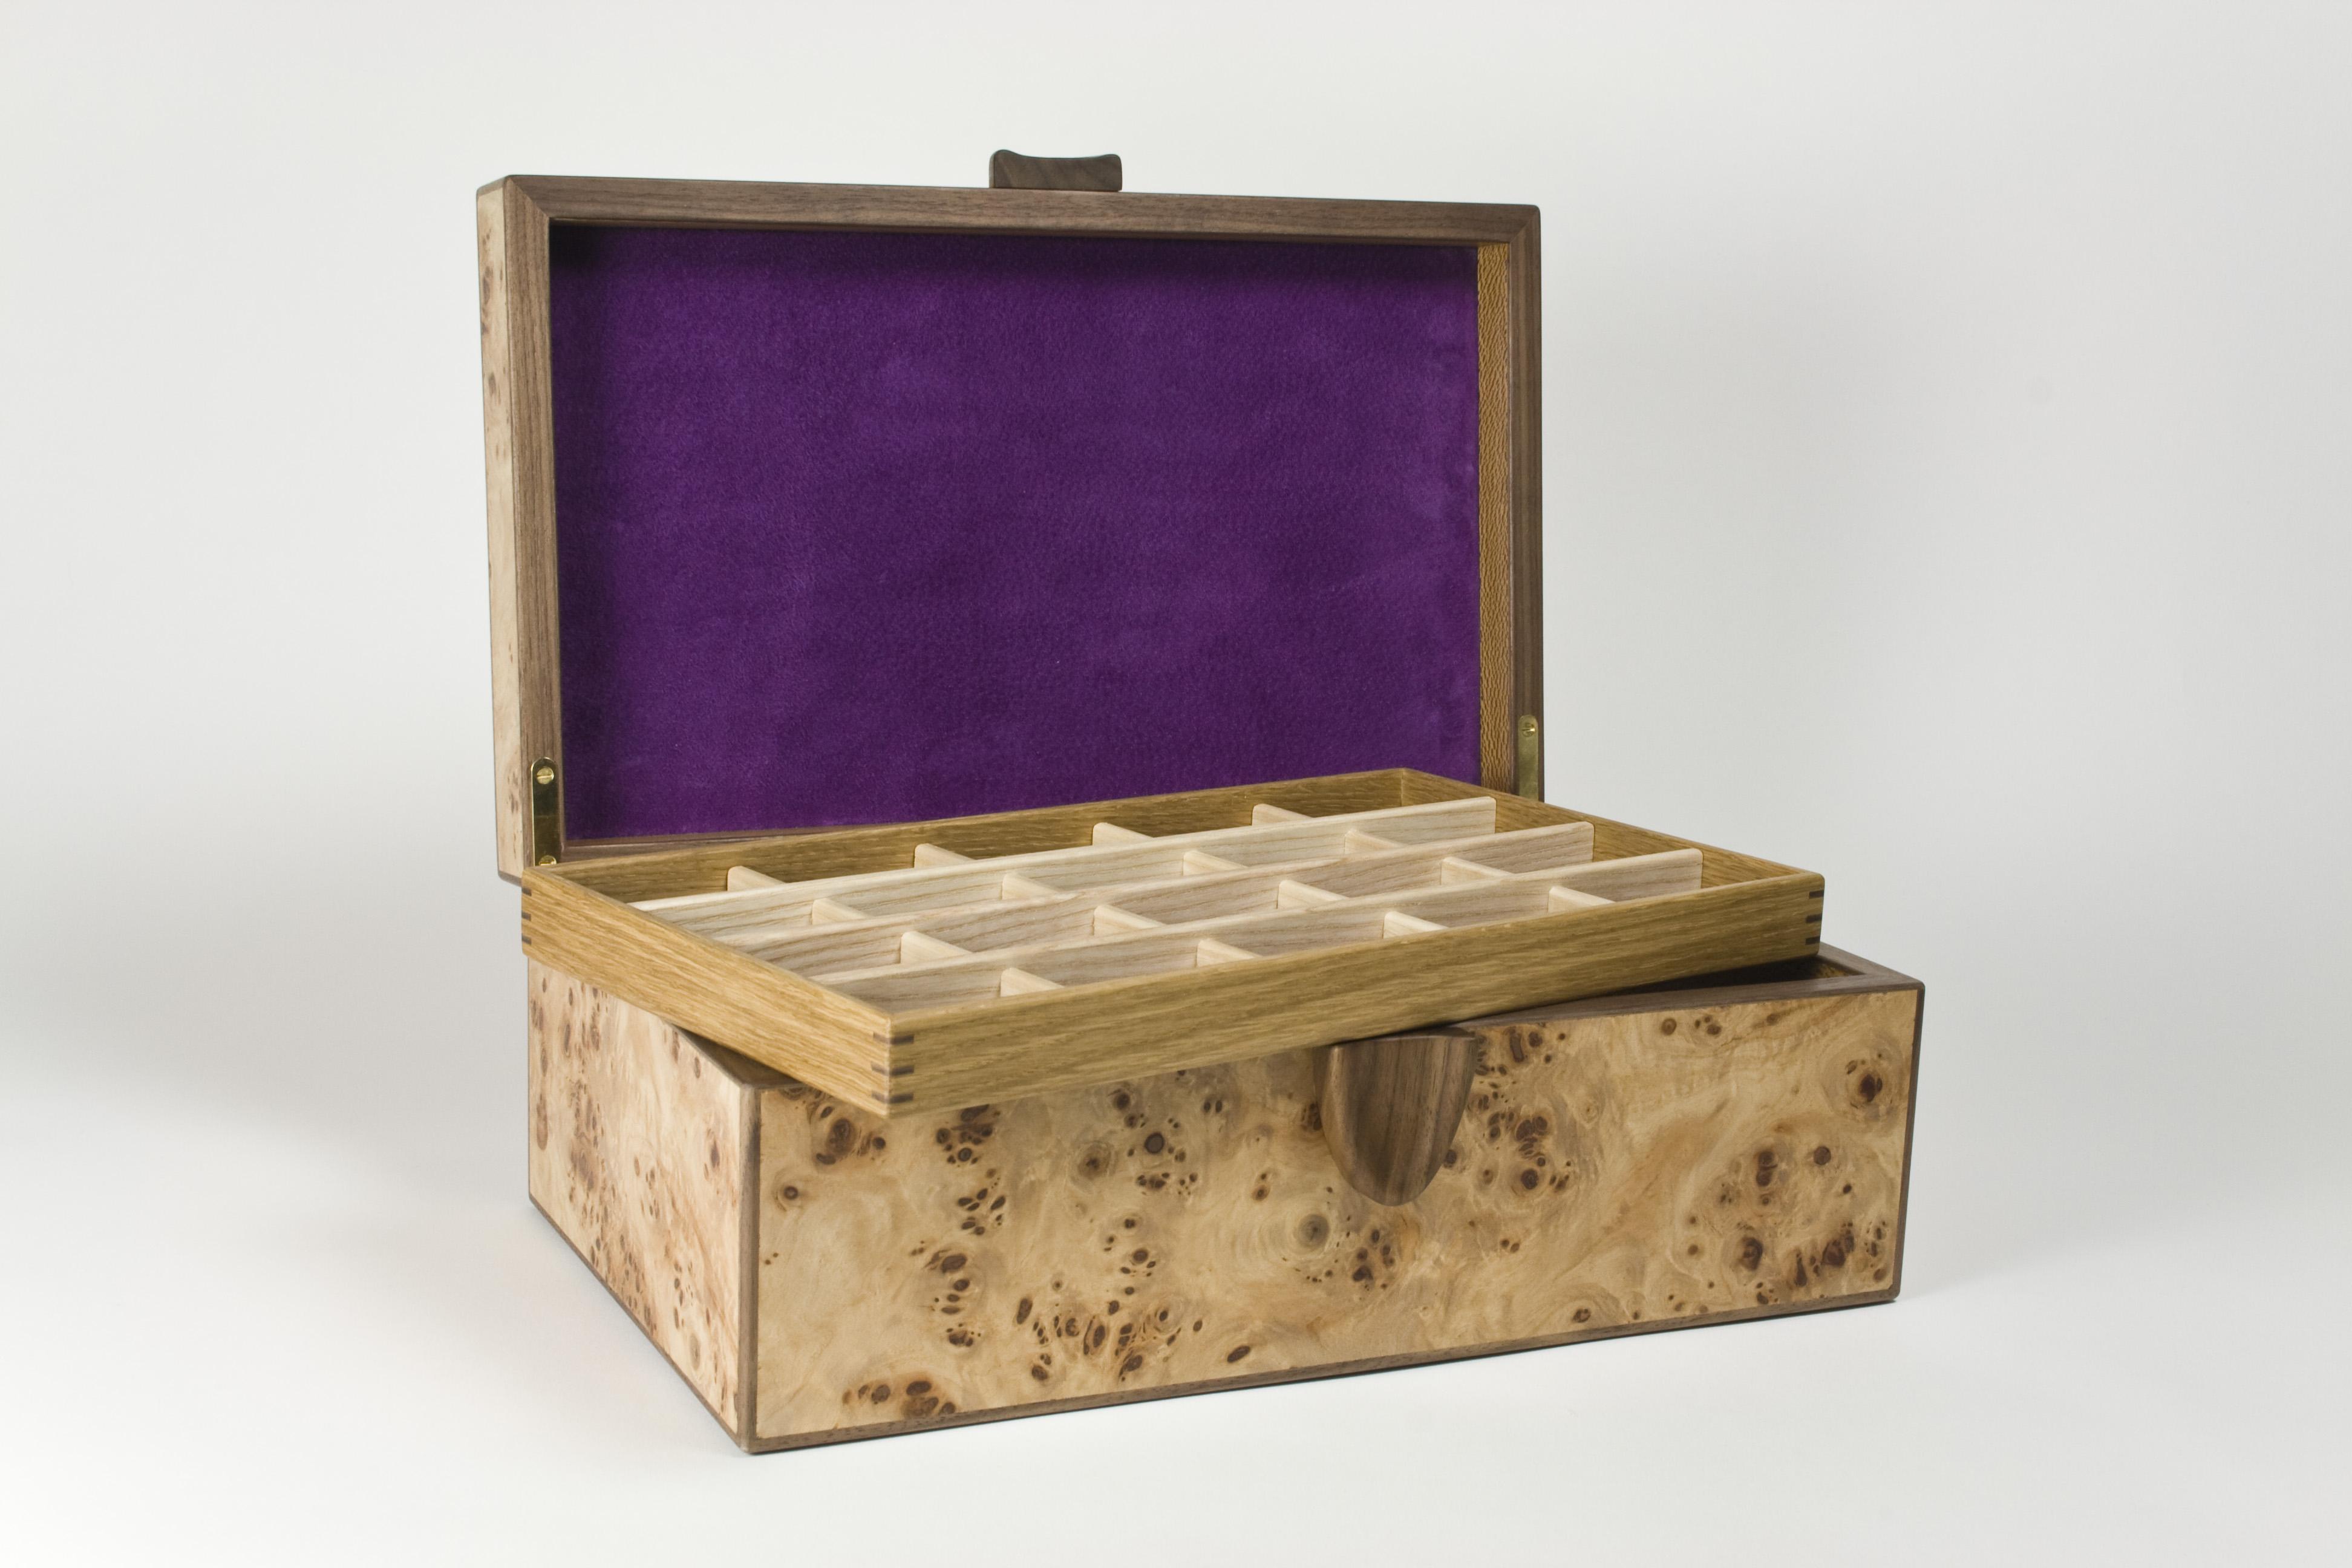 Storage trays in the jewellery box